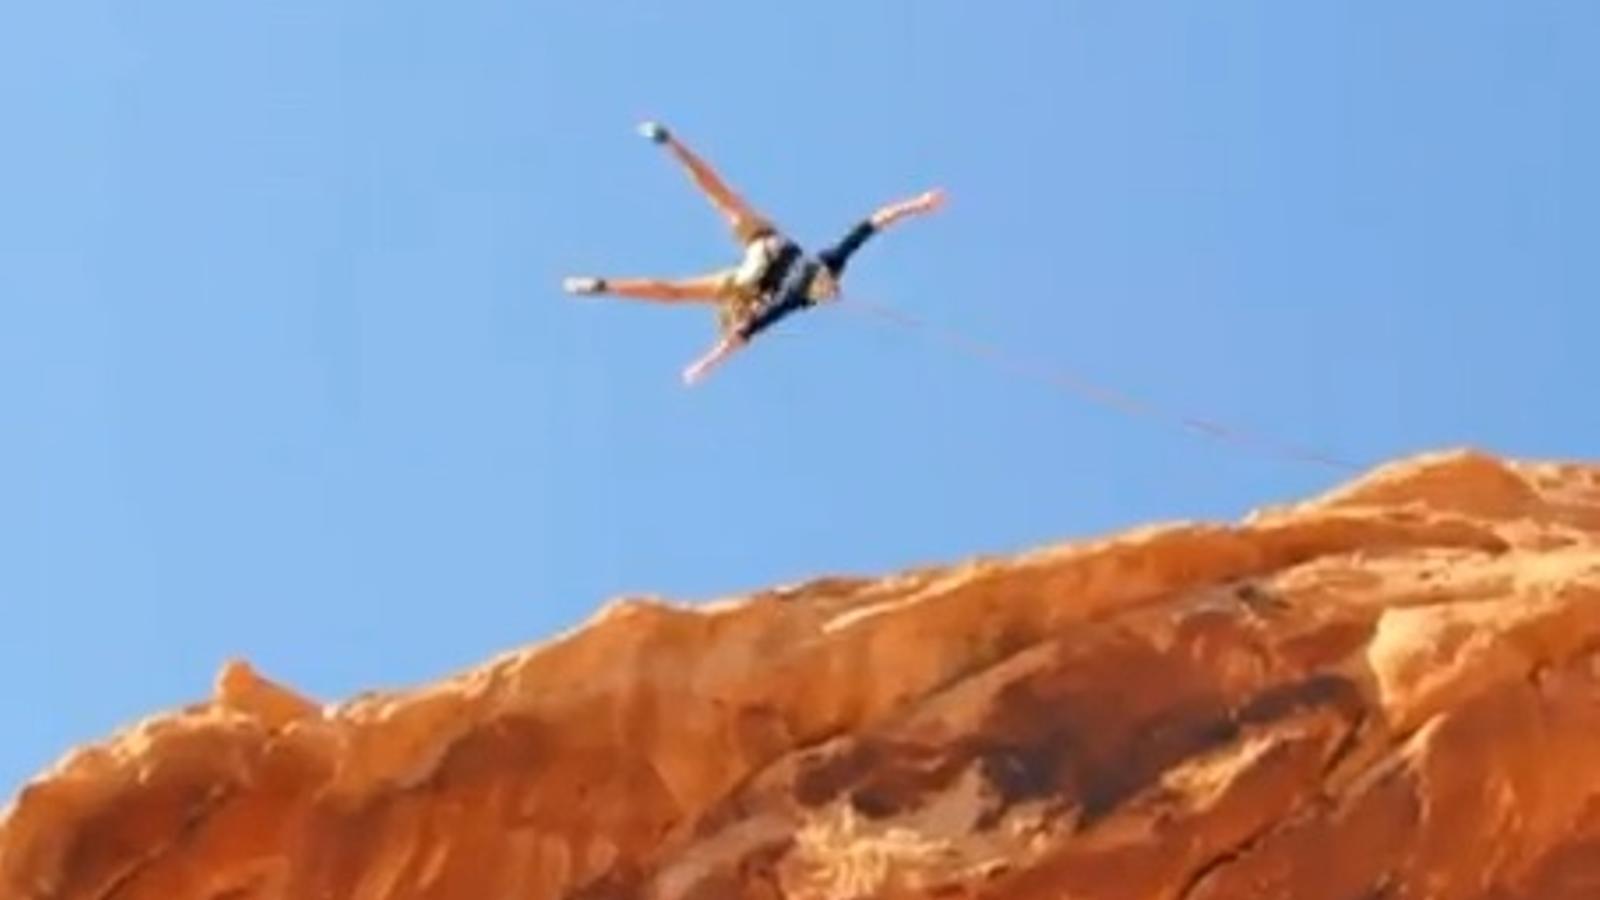 El salt amb corda més gran del món arrasa a la xarxa